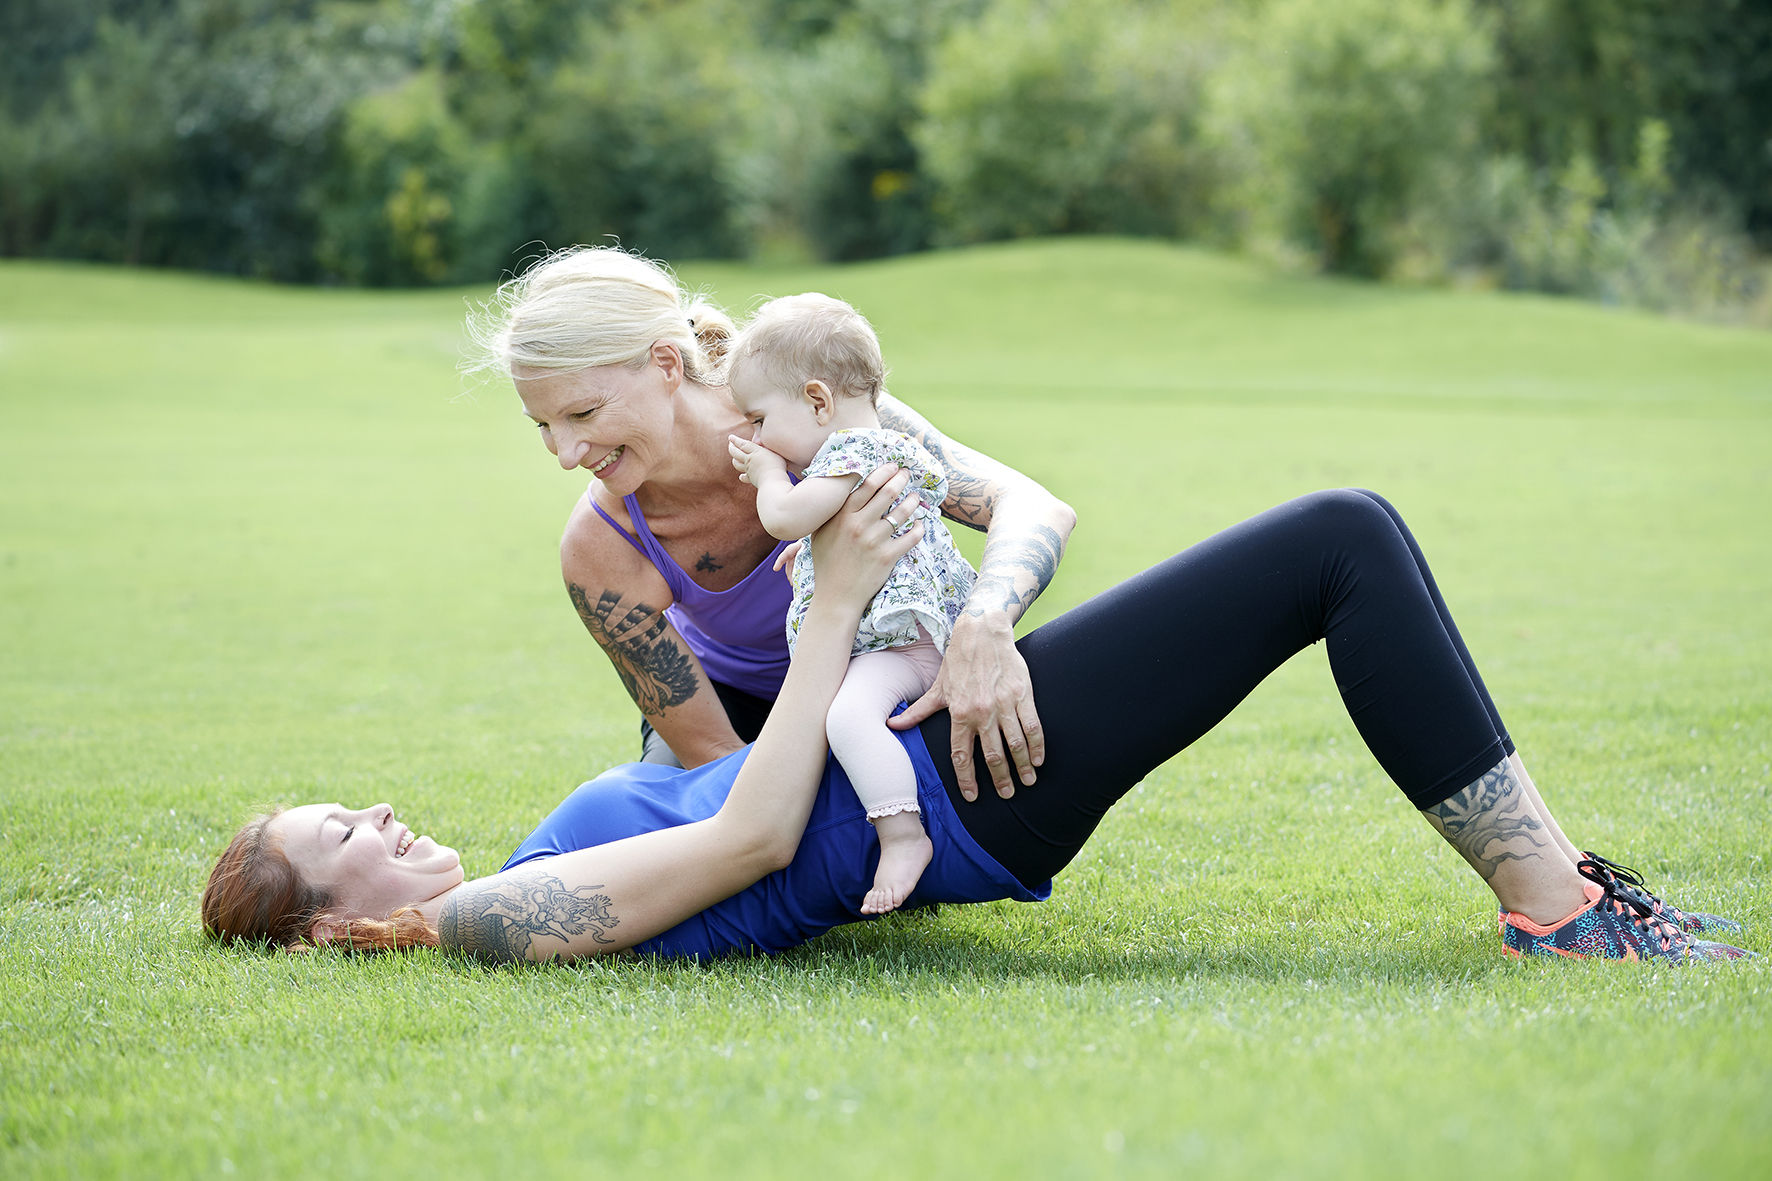 Rückbildung nach der Schwangerschaft - Ein Rückbildungscoaching in persönlicher, angenehmer Atmosphäre.Als Einzelcoaching oder zu zweit, auch dein Baby ist willkommen.